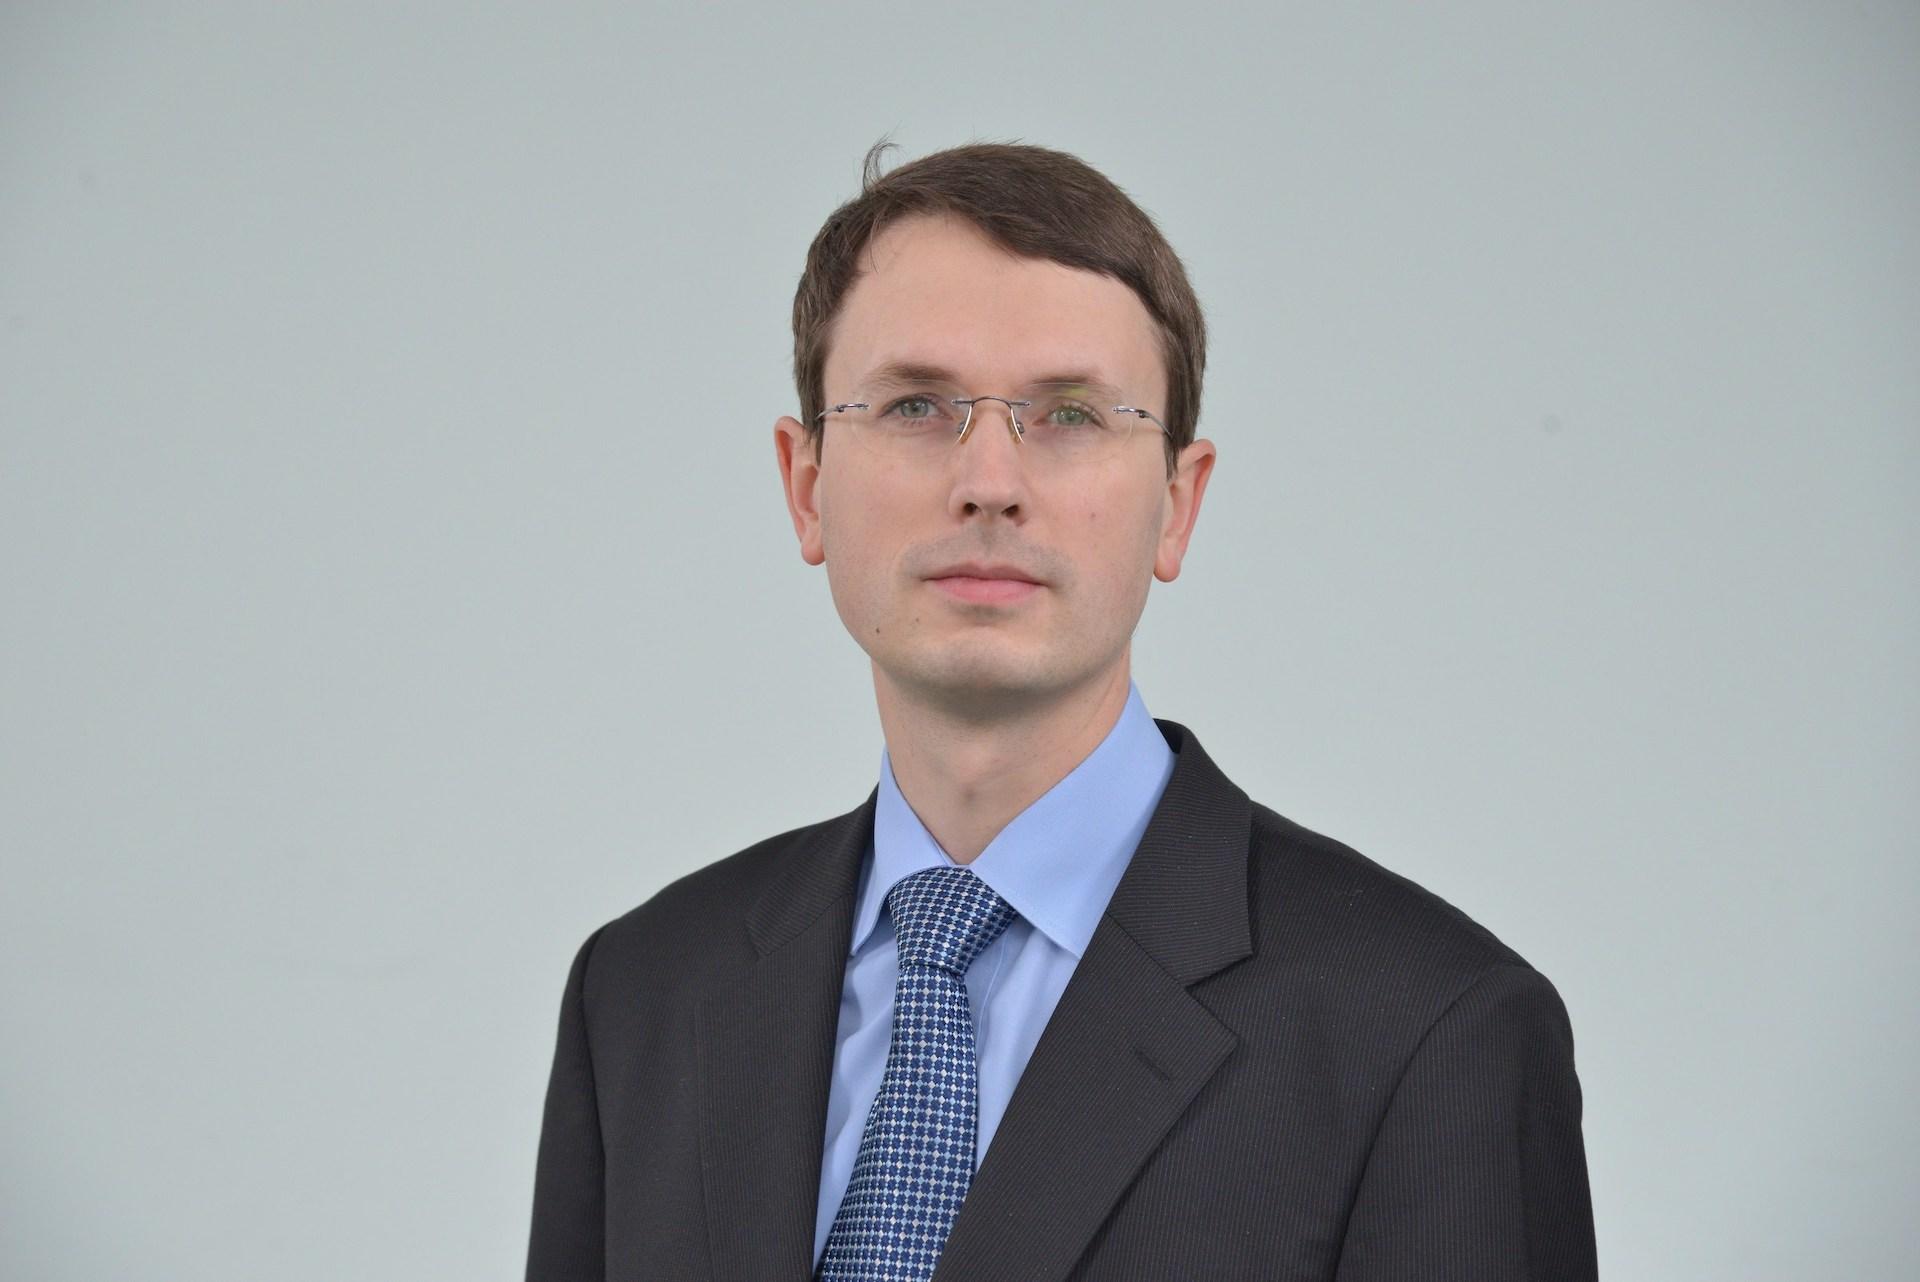 VGTU docentas dr. Nikolaj Goranin  teigimu, Europa labai dar atsilieka nuo Azijos šalių savo pasiekimais daiktų interneto srityje. Asmeninio archyvo nuotr.